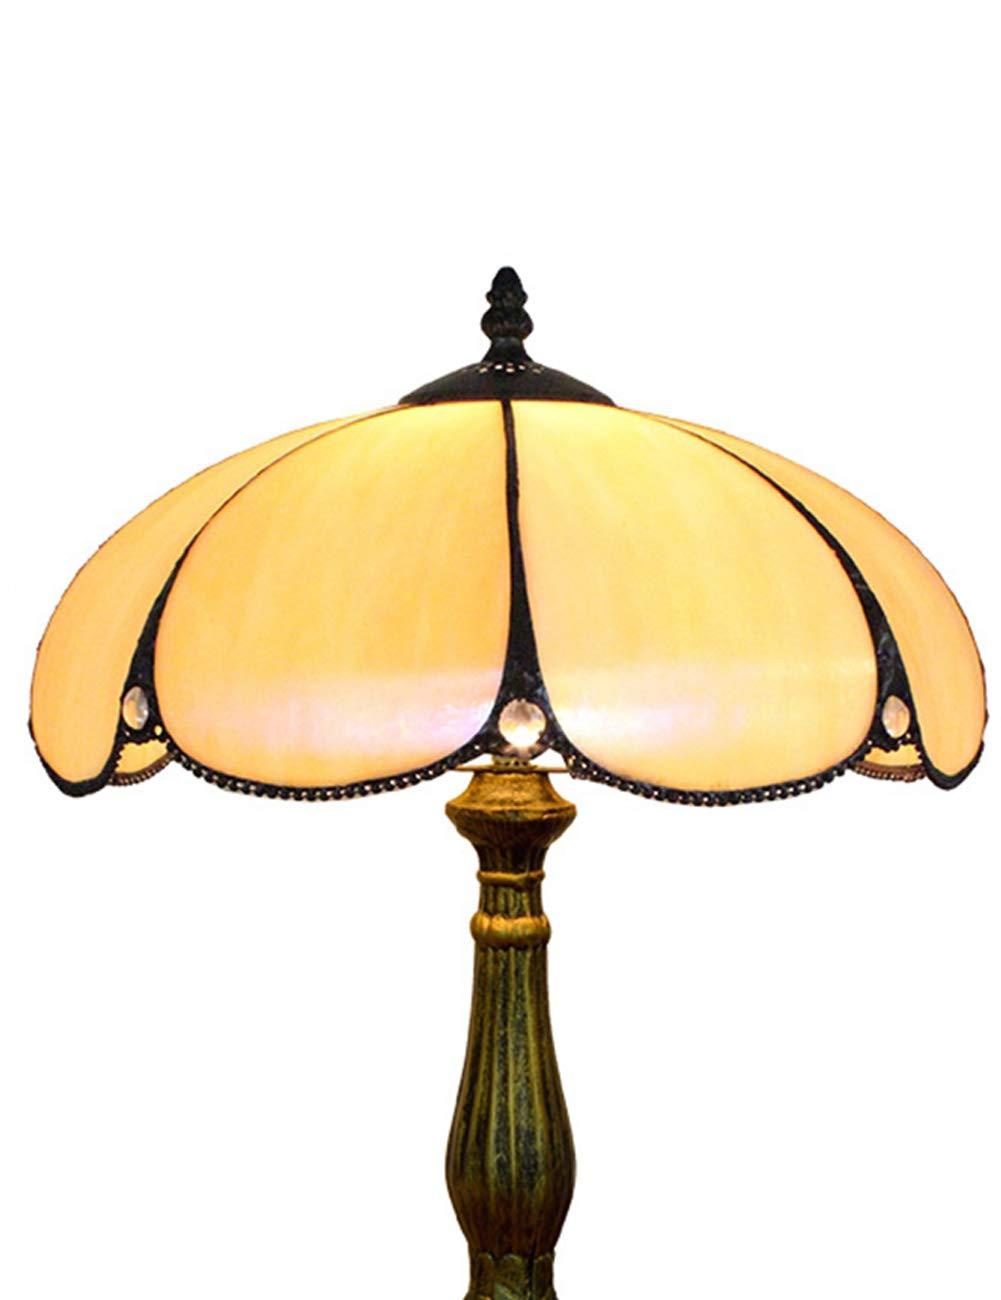 DLewiee Tischlampe Floral geformte Lampenabdeckung Gelb Gelb Gelb Natural Light Retro Vintage B07KS3MGSC   Spaß  17ef97